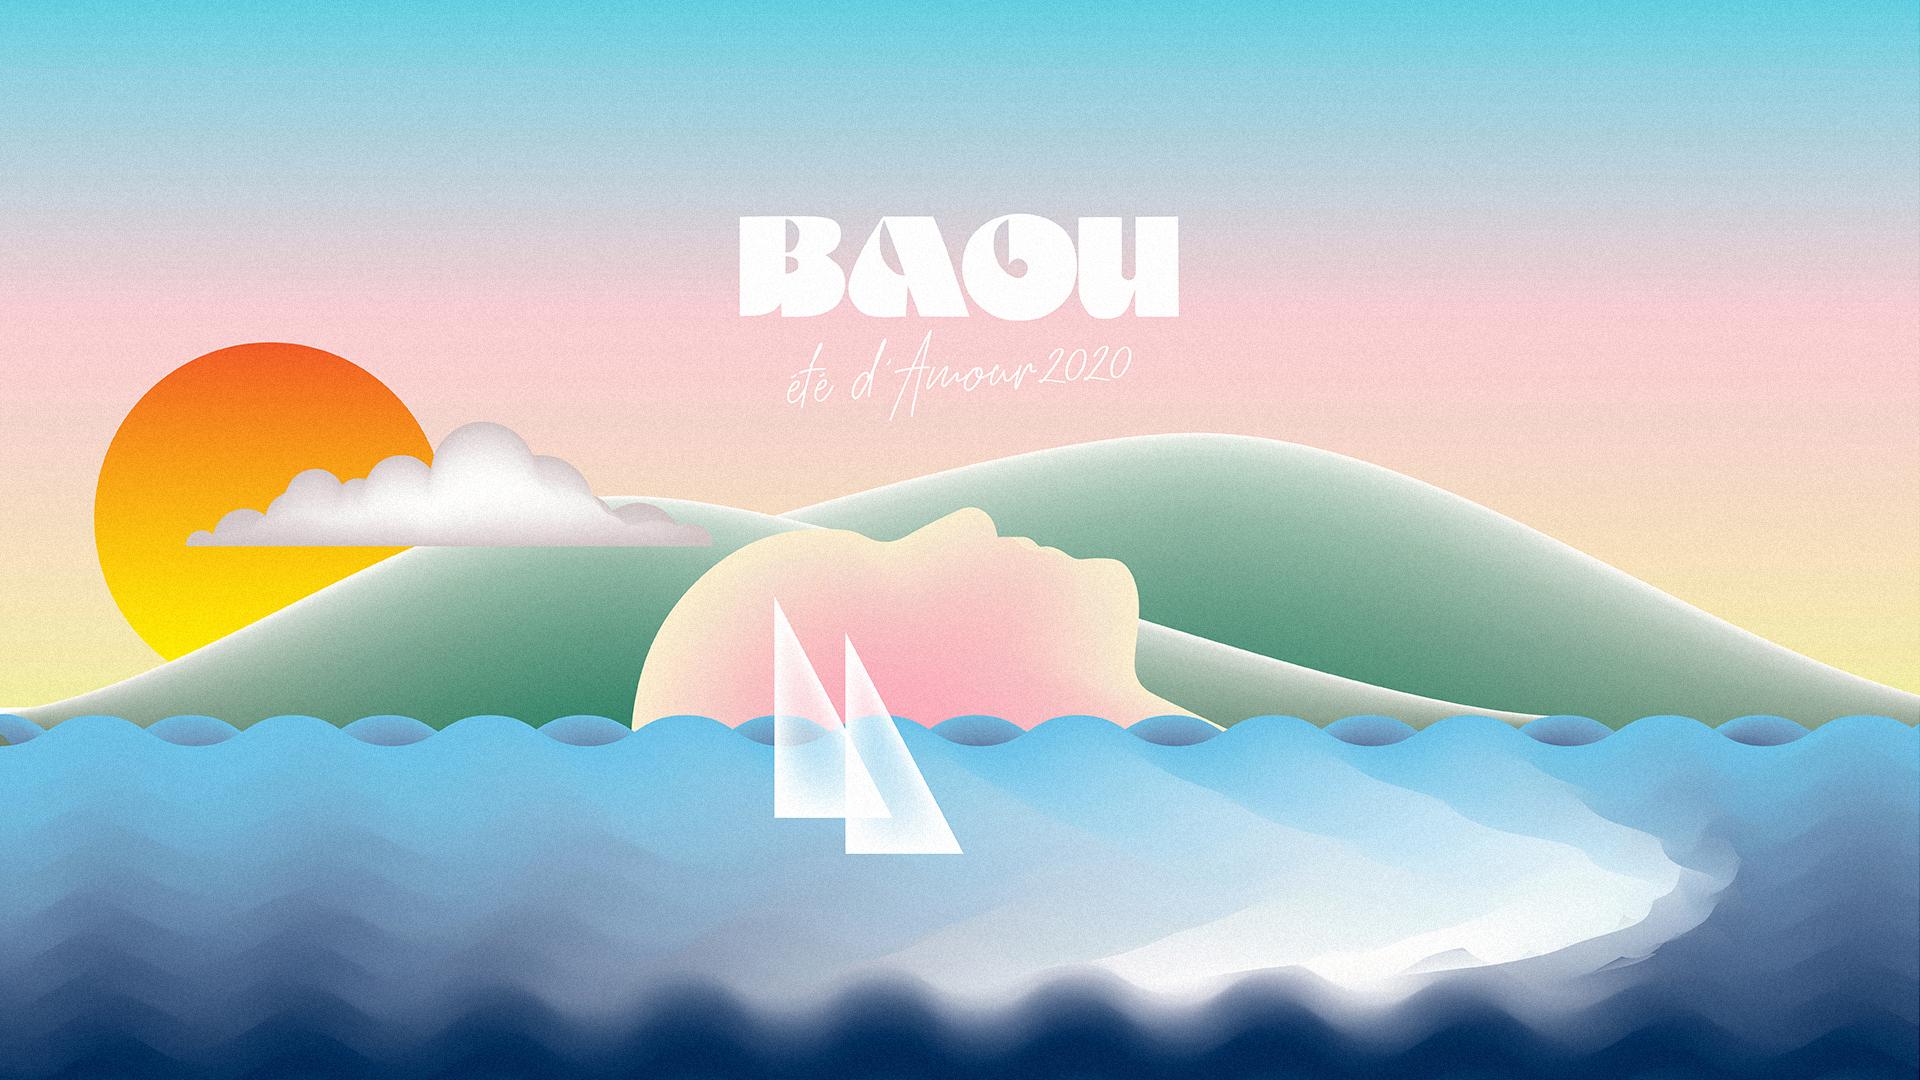 Baou été d'amour - Opening